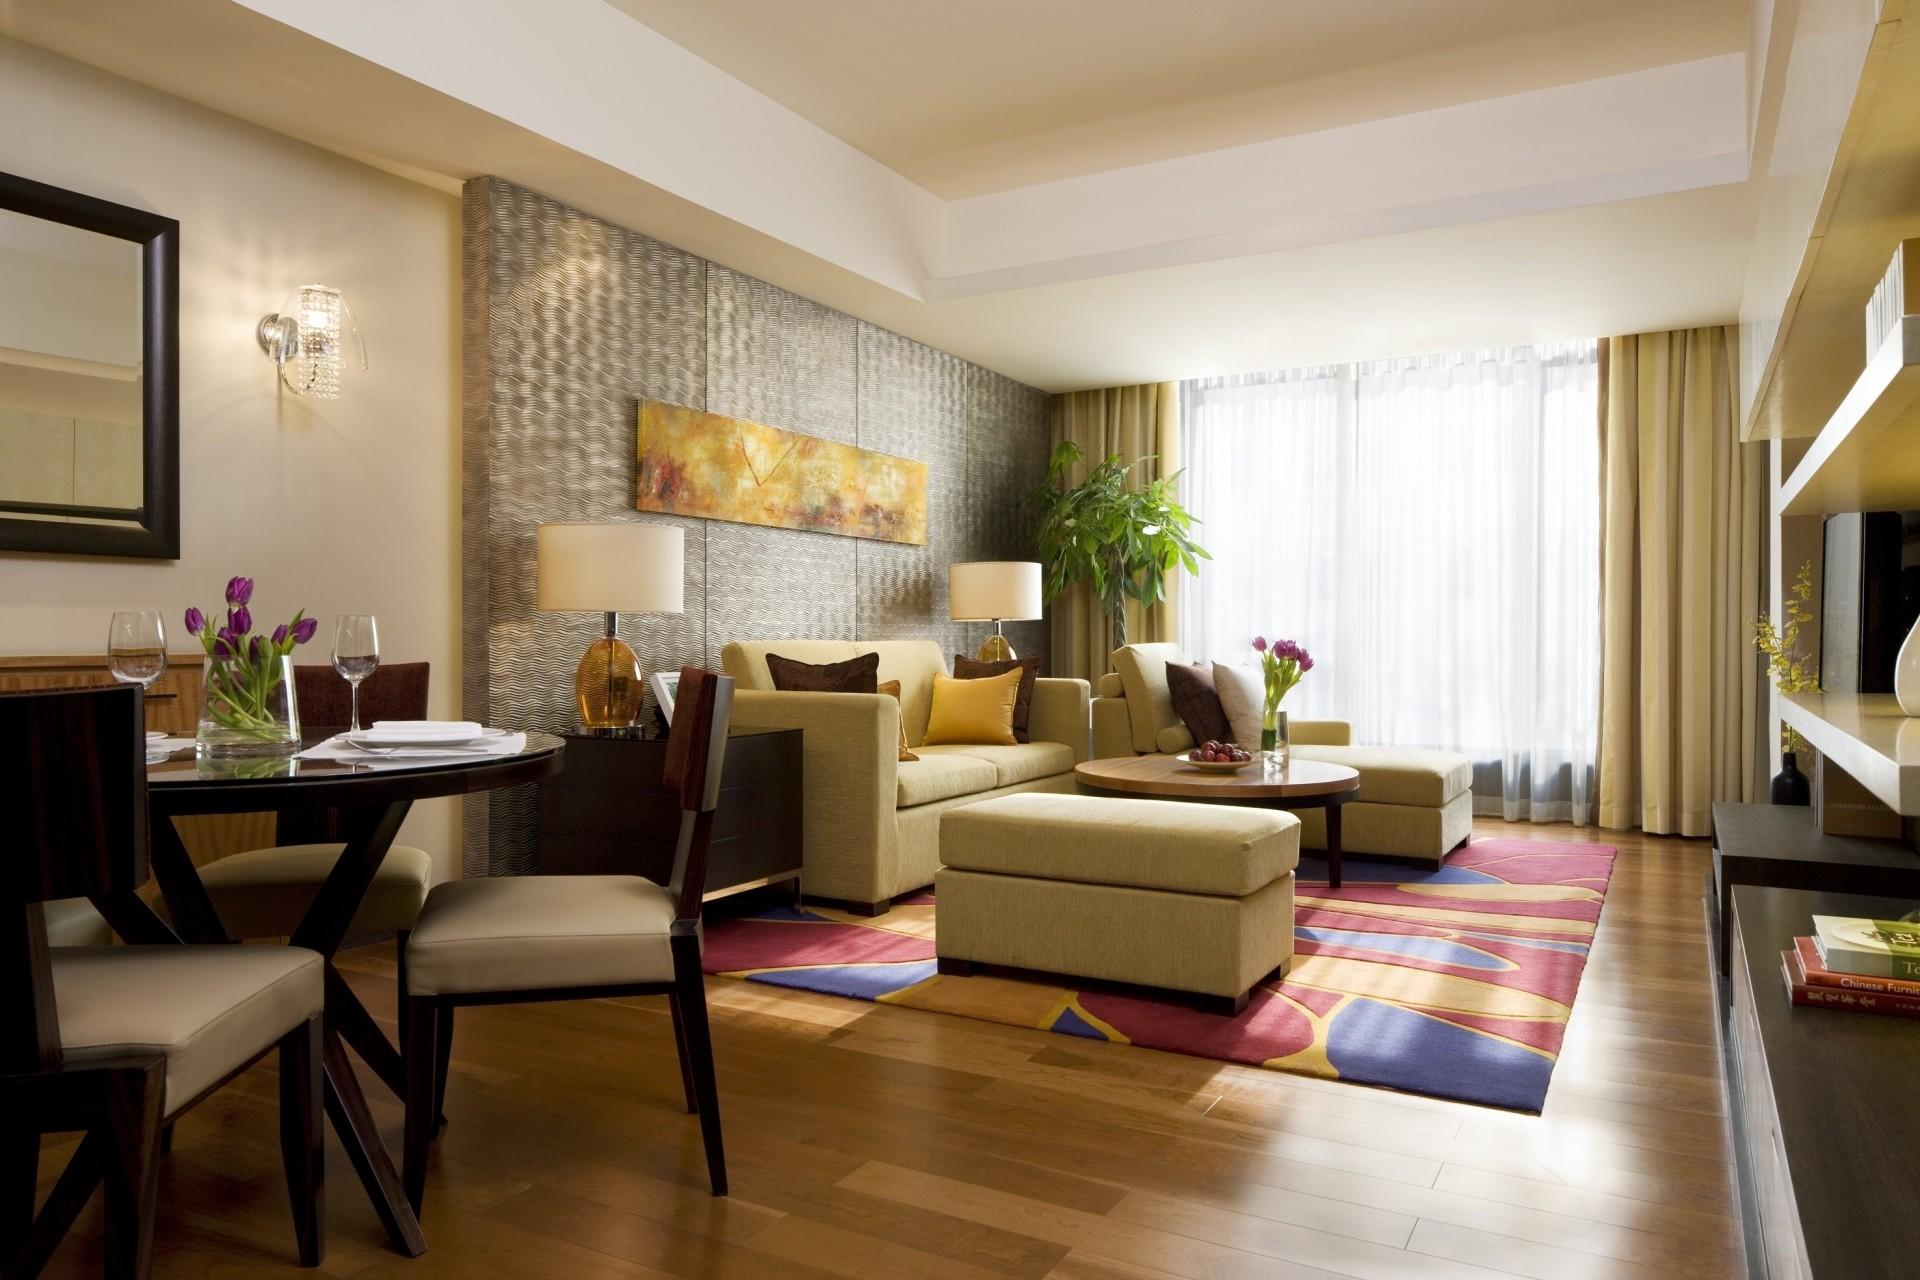 Дизайн квартиры ремонт обстановка